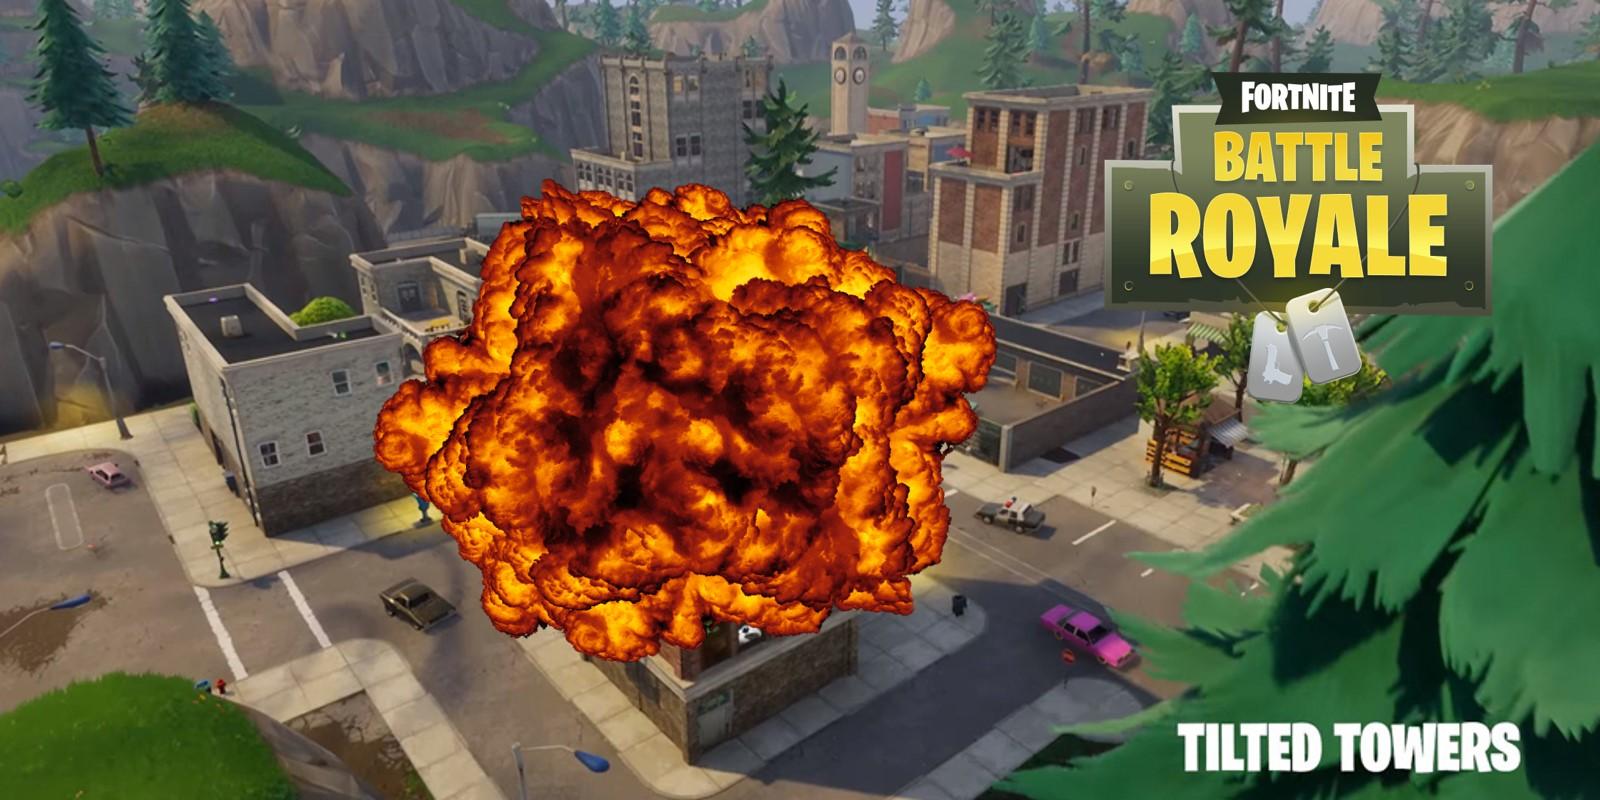 Brennende Objekte am Fortnite-Himmel – fallen heute die Tilted Towers?